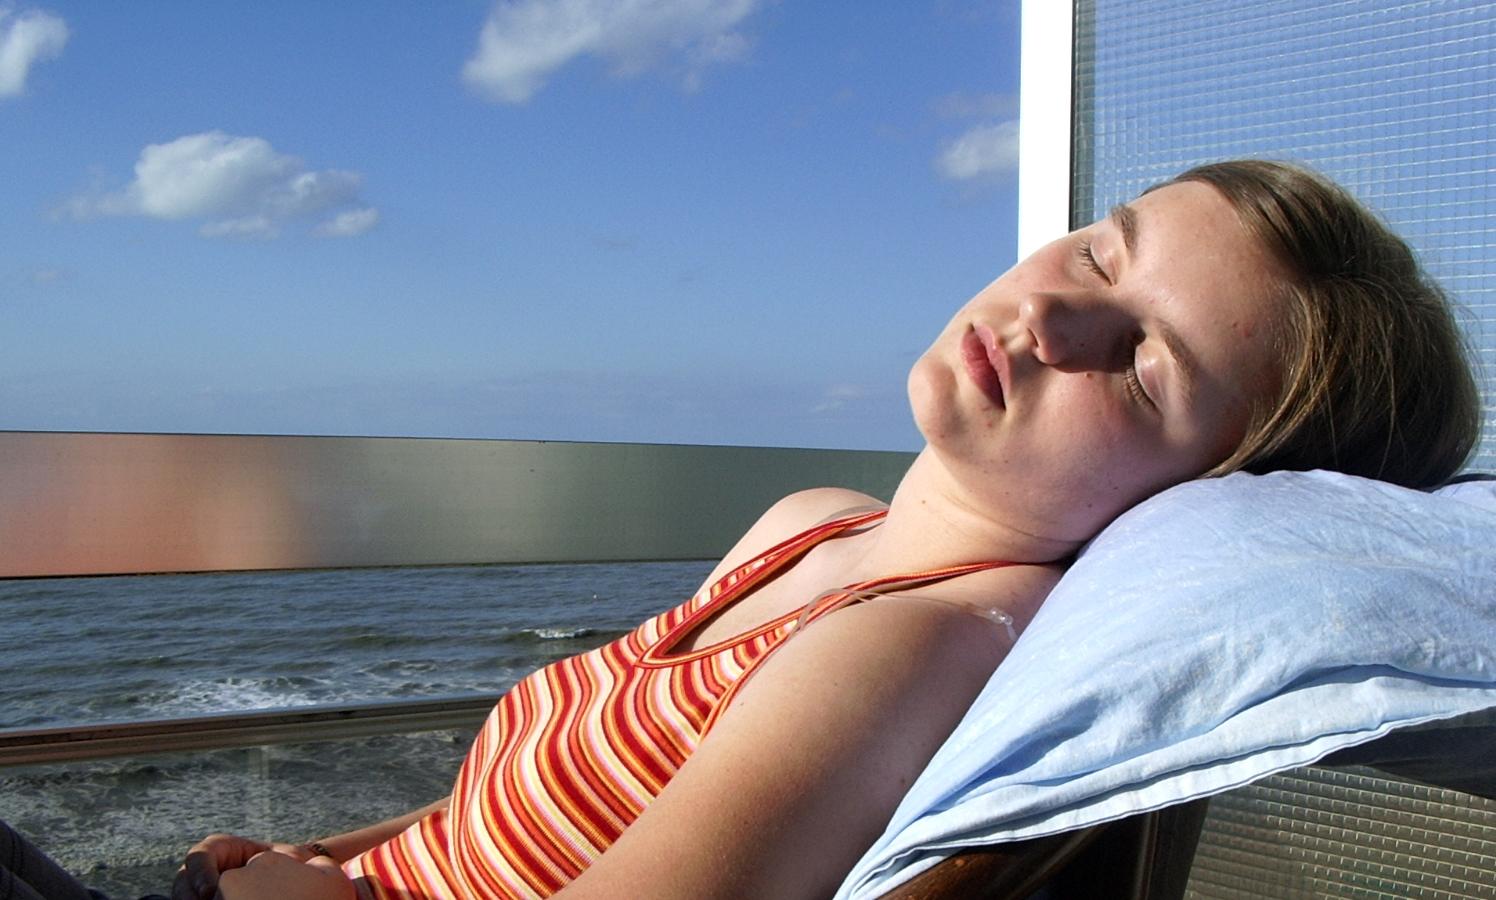 La falta de sueño, asociada con mayor riesgo de ataque cardiaco y accidente cerebrovascular